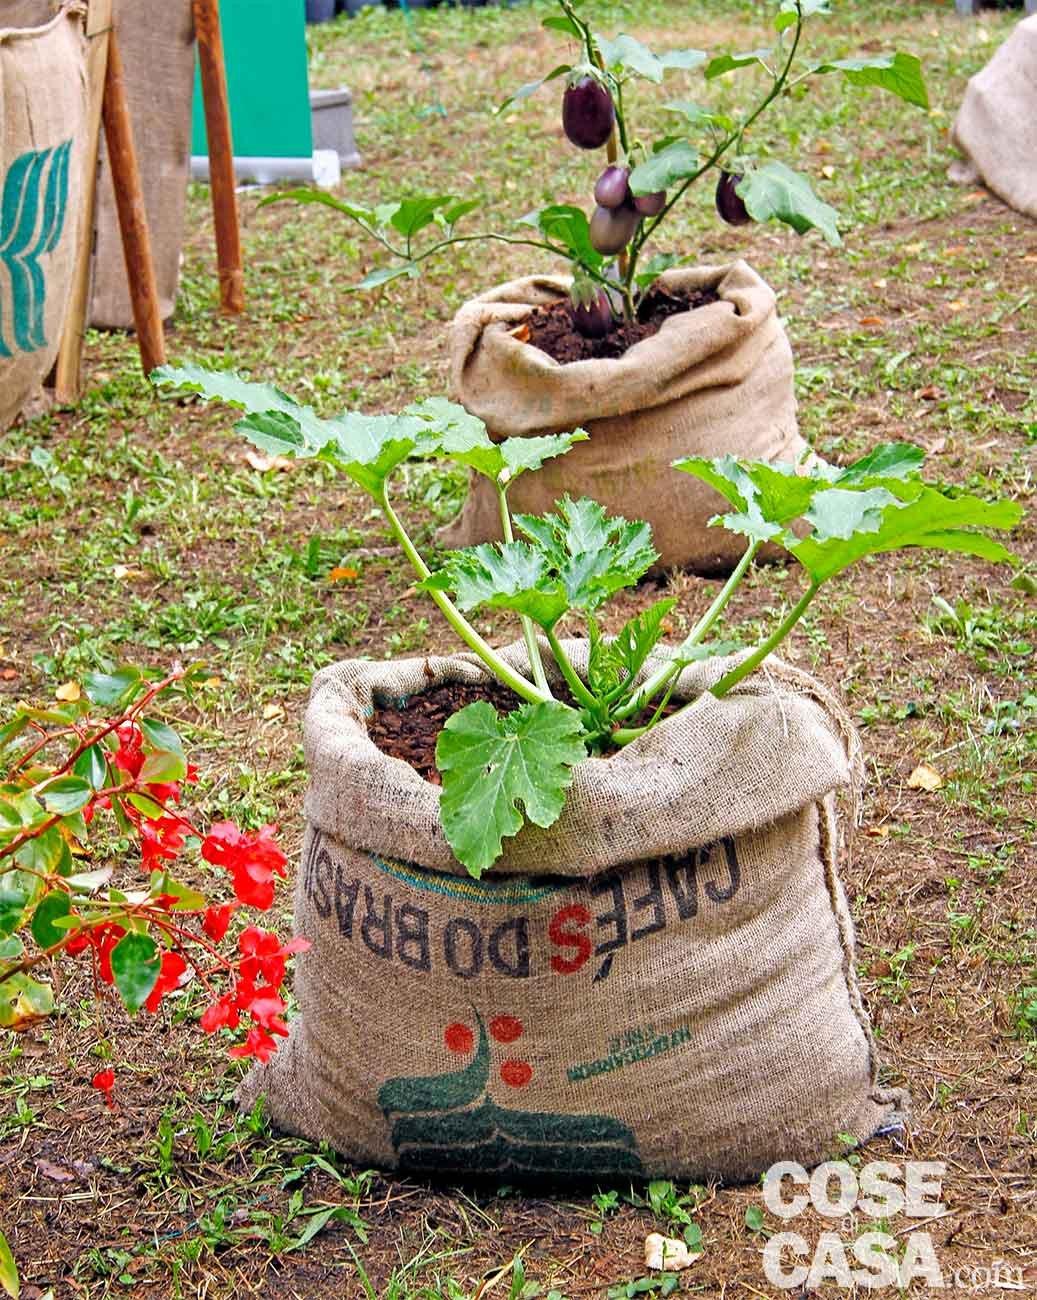 Idee da copiare per valorizzare il giardino - Cose di Casa